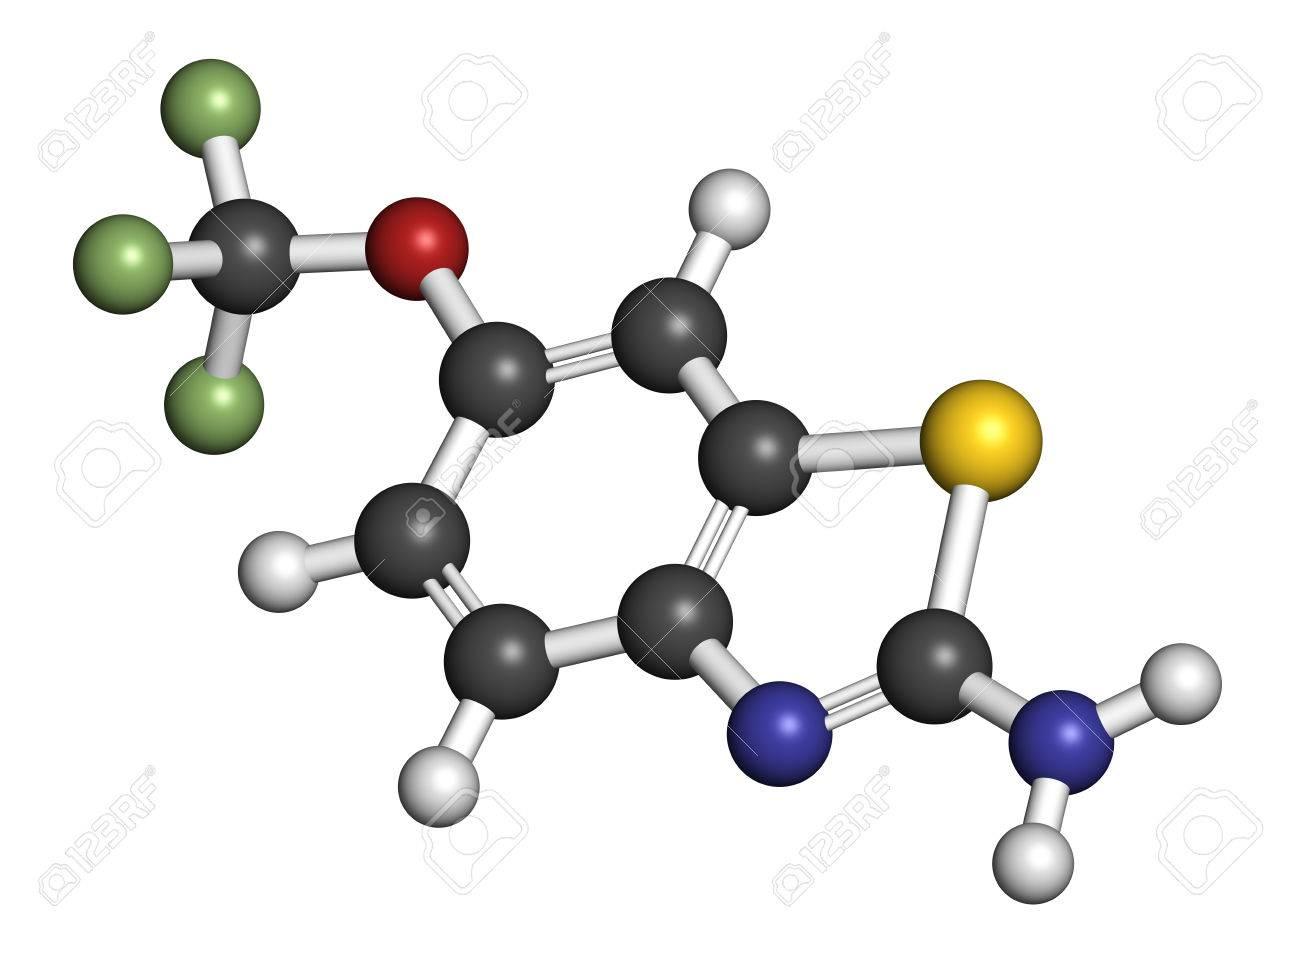 Le riluzole la sclérose latérale amyotrophique (SLA) molécule de  médicament. Atomes sont représentés comme des sphères avec codage couleur  classique: ...